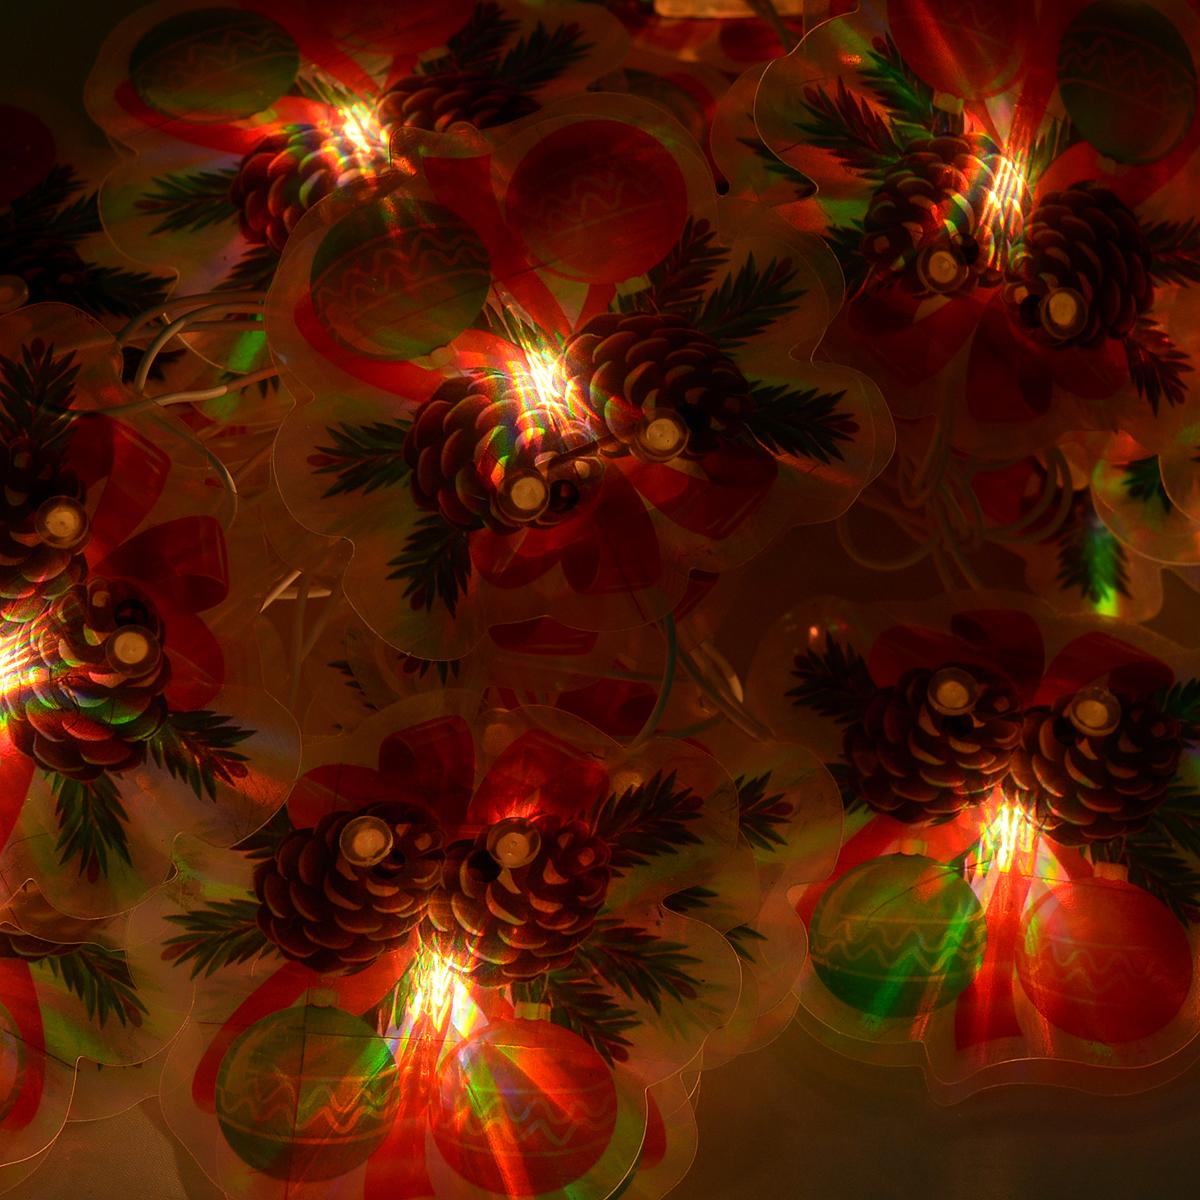 Гирлянда новогодняя, электрическая, 16 ламп, 2,5 м35343Новогодняя электрическая гирлянда Шарики украсит интерьер вашего дома или офиса в преддверии Нового года. Лампы выполнены в виде двух пластиковых пластинок с изображением елочной ветки с игрушками. Между пластинами располагается лампочка. Имеется тумблер переключения режимов мигания огней (8 режимов). Оригинальный дизайн и красочное исполнение создадут праздничное настроение. Откройте для себя удивительный мир сказок и грез. Почувствуйте волшебные минуты ожидания праздника, создайте новогоднее настроение вашим дорогим и близким. Работает от сети 220 В. Материал: ПВХ. Длина: 2,5 м. Количество ламп: 16 шт. Размер одного шарика: 7 см х 7 см х 2 см. Напряжение: 220 В. Мощность: 3,7 Вт.